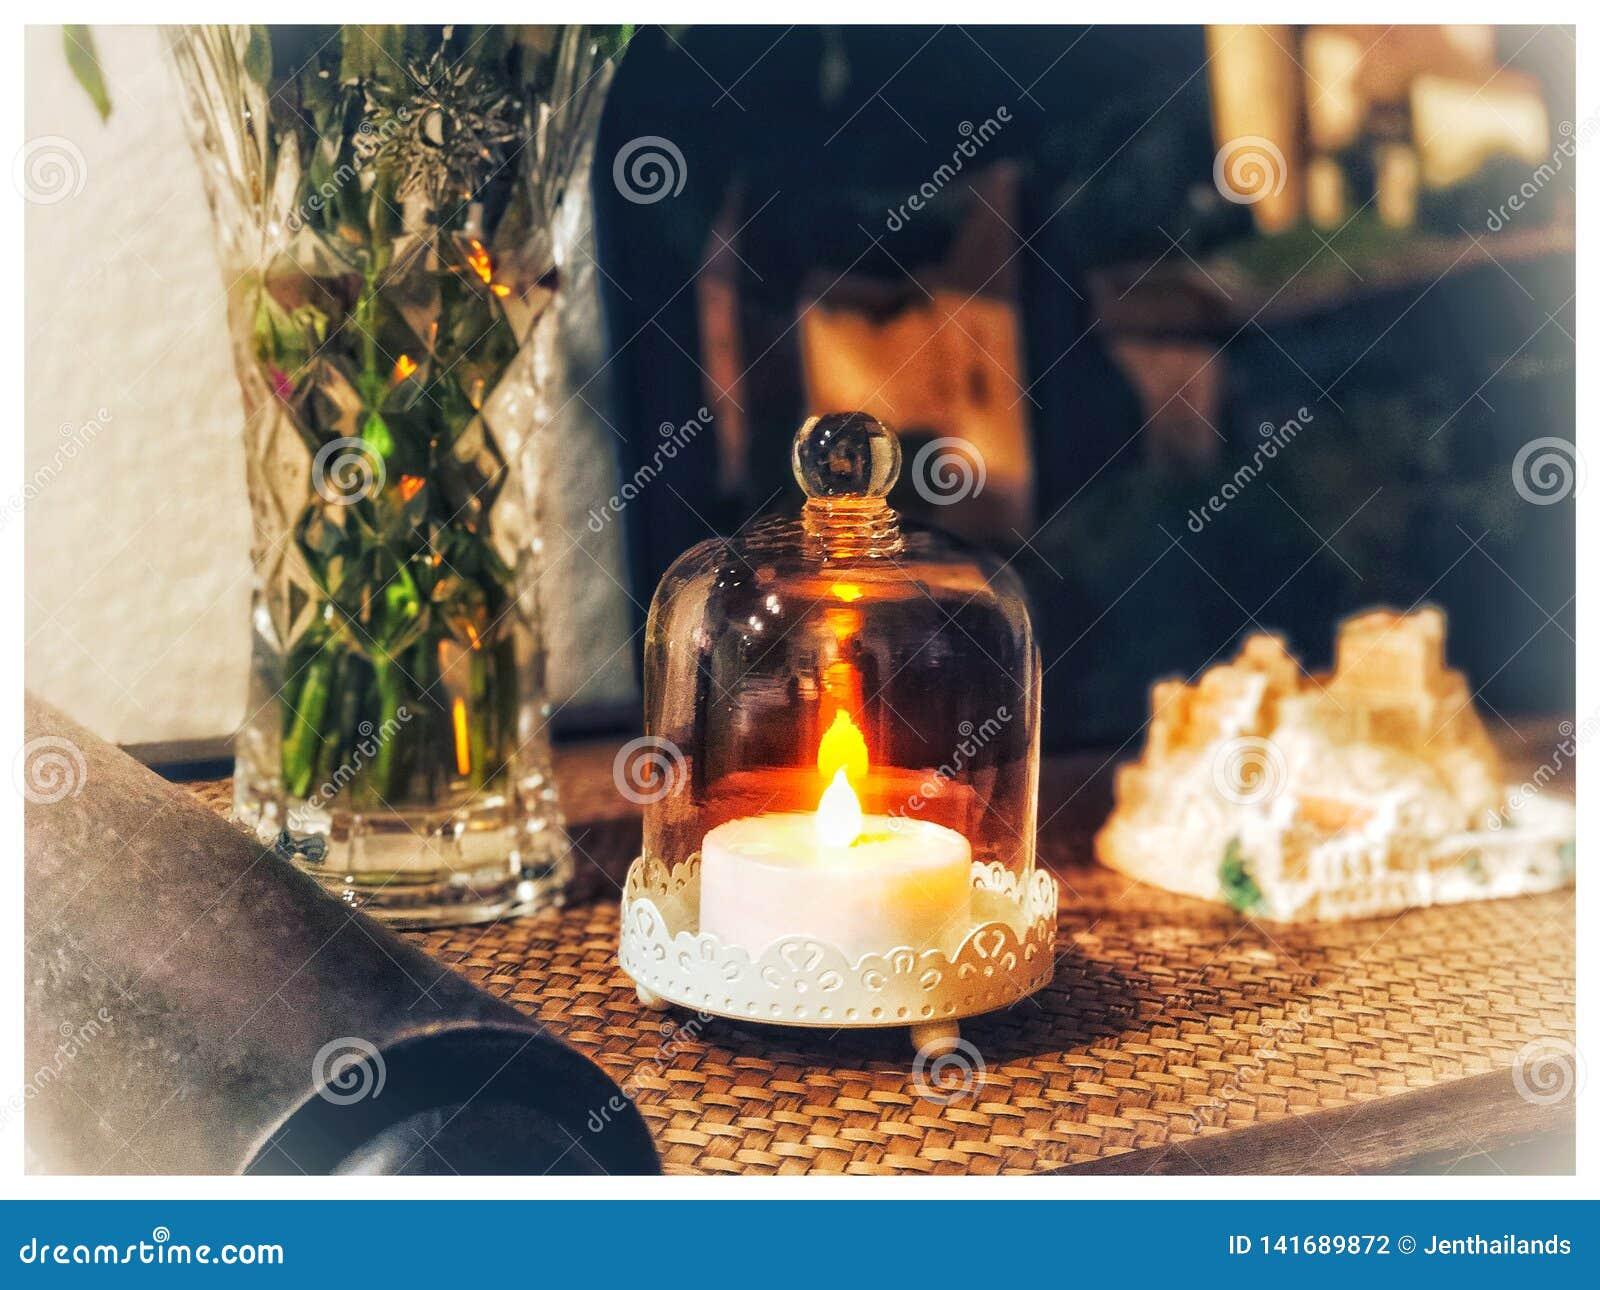 Une bougie électrique brûlant sous un verre sur la table